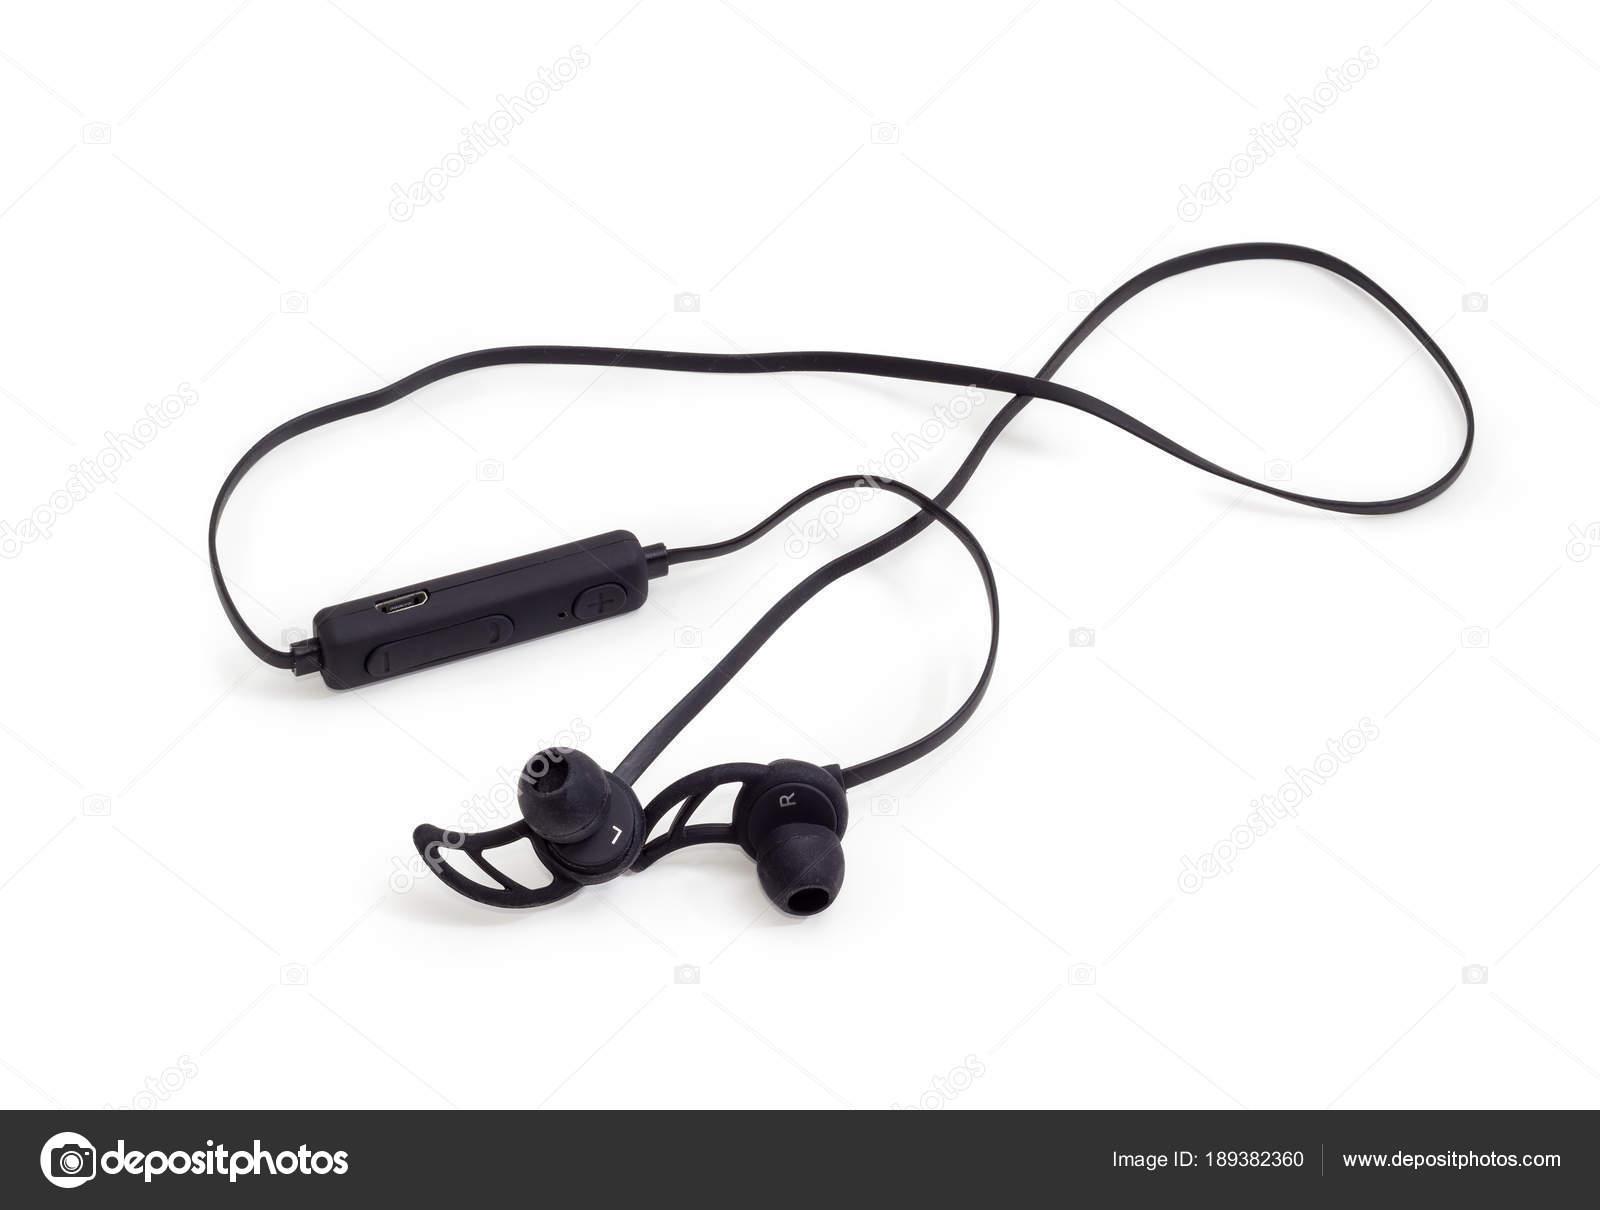 Auricolari wireless neri su sfondo bianco — Foto Stock © anmbph ... 097609e51b0b